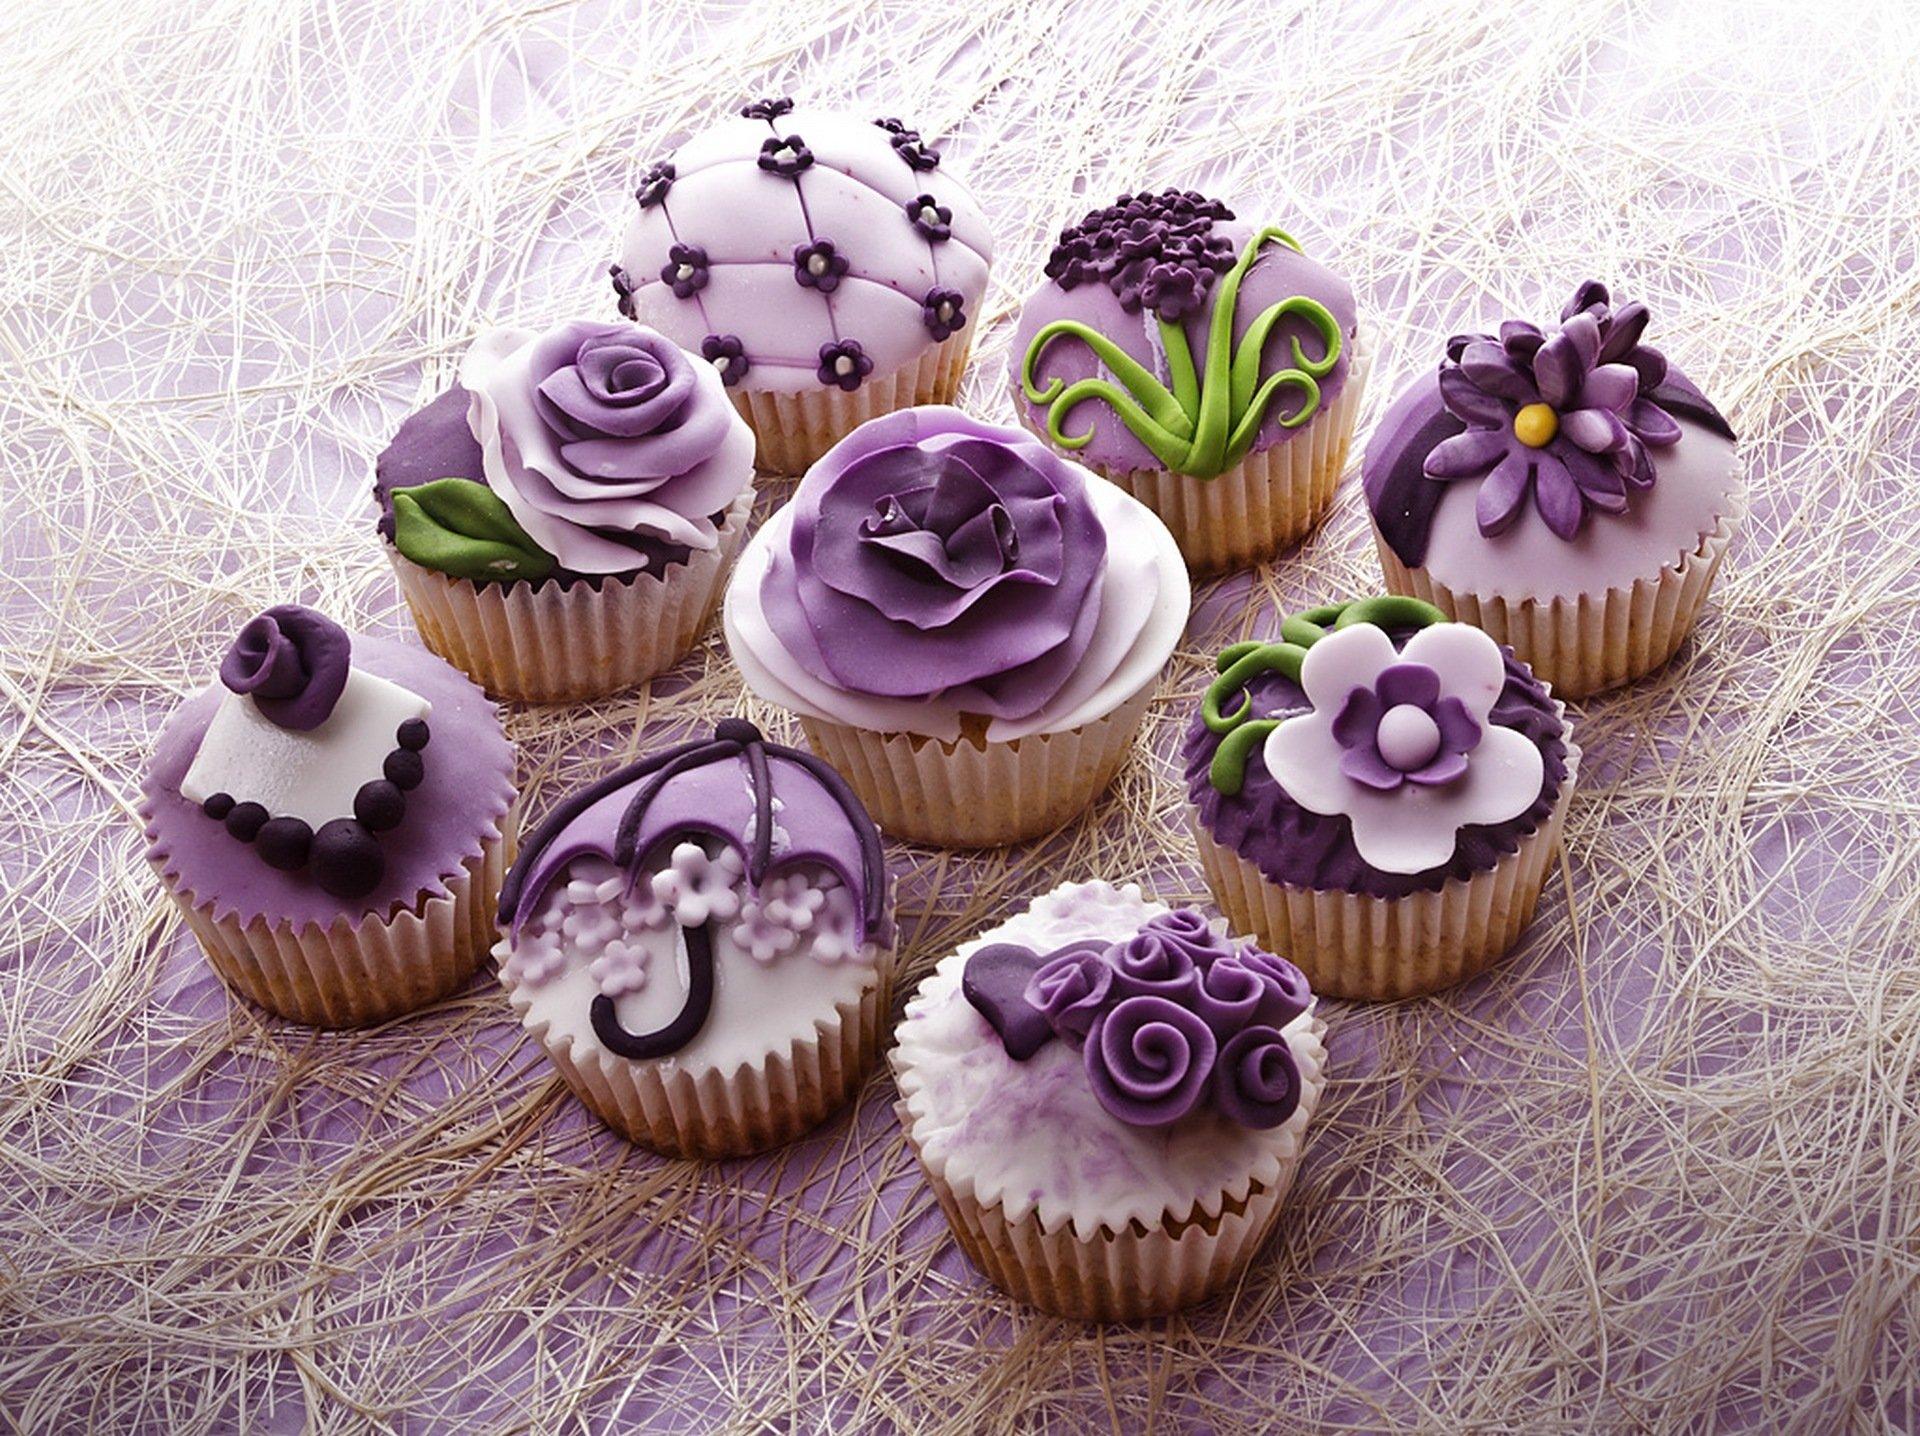 кексы пирожное cupcakes cake  № 132303  скачать